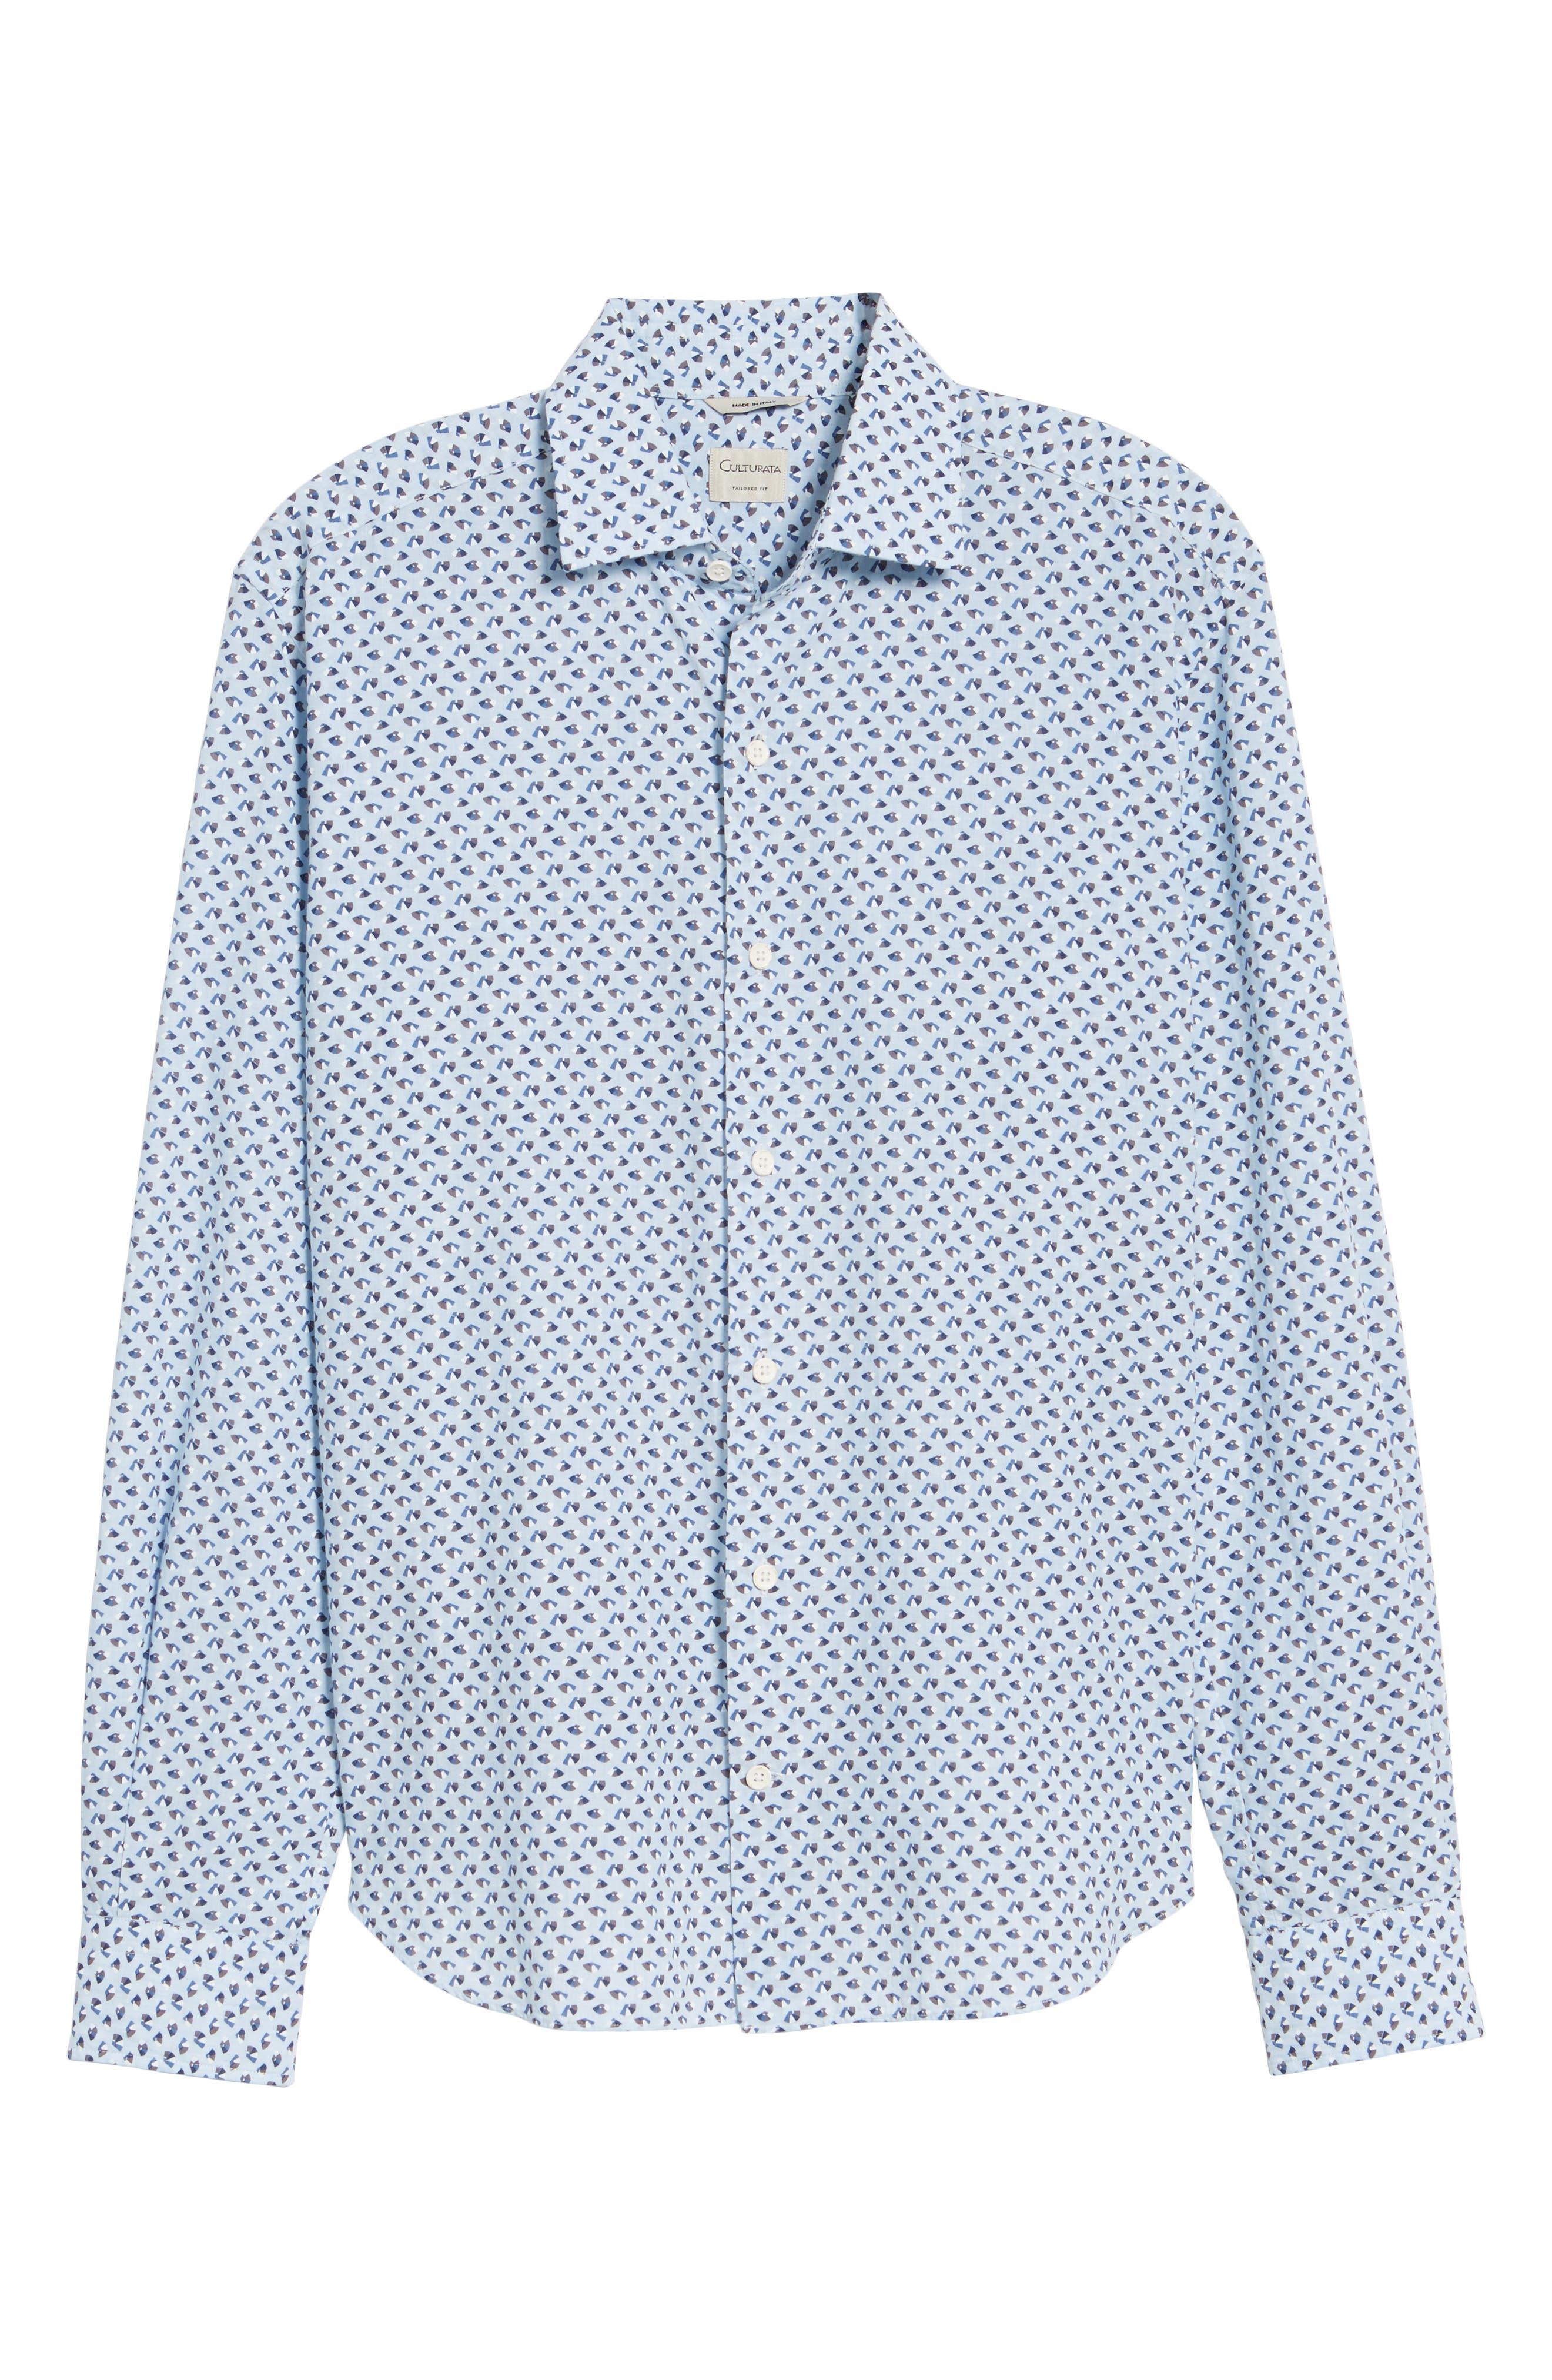 Slim Fit Print Cotton & Linen Sport Shirt,                             Alternate thumbnail 6, color,                             Blue